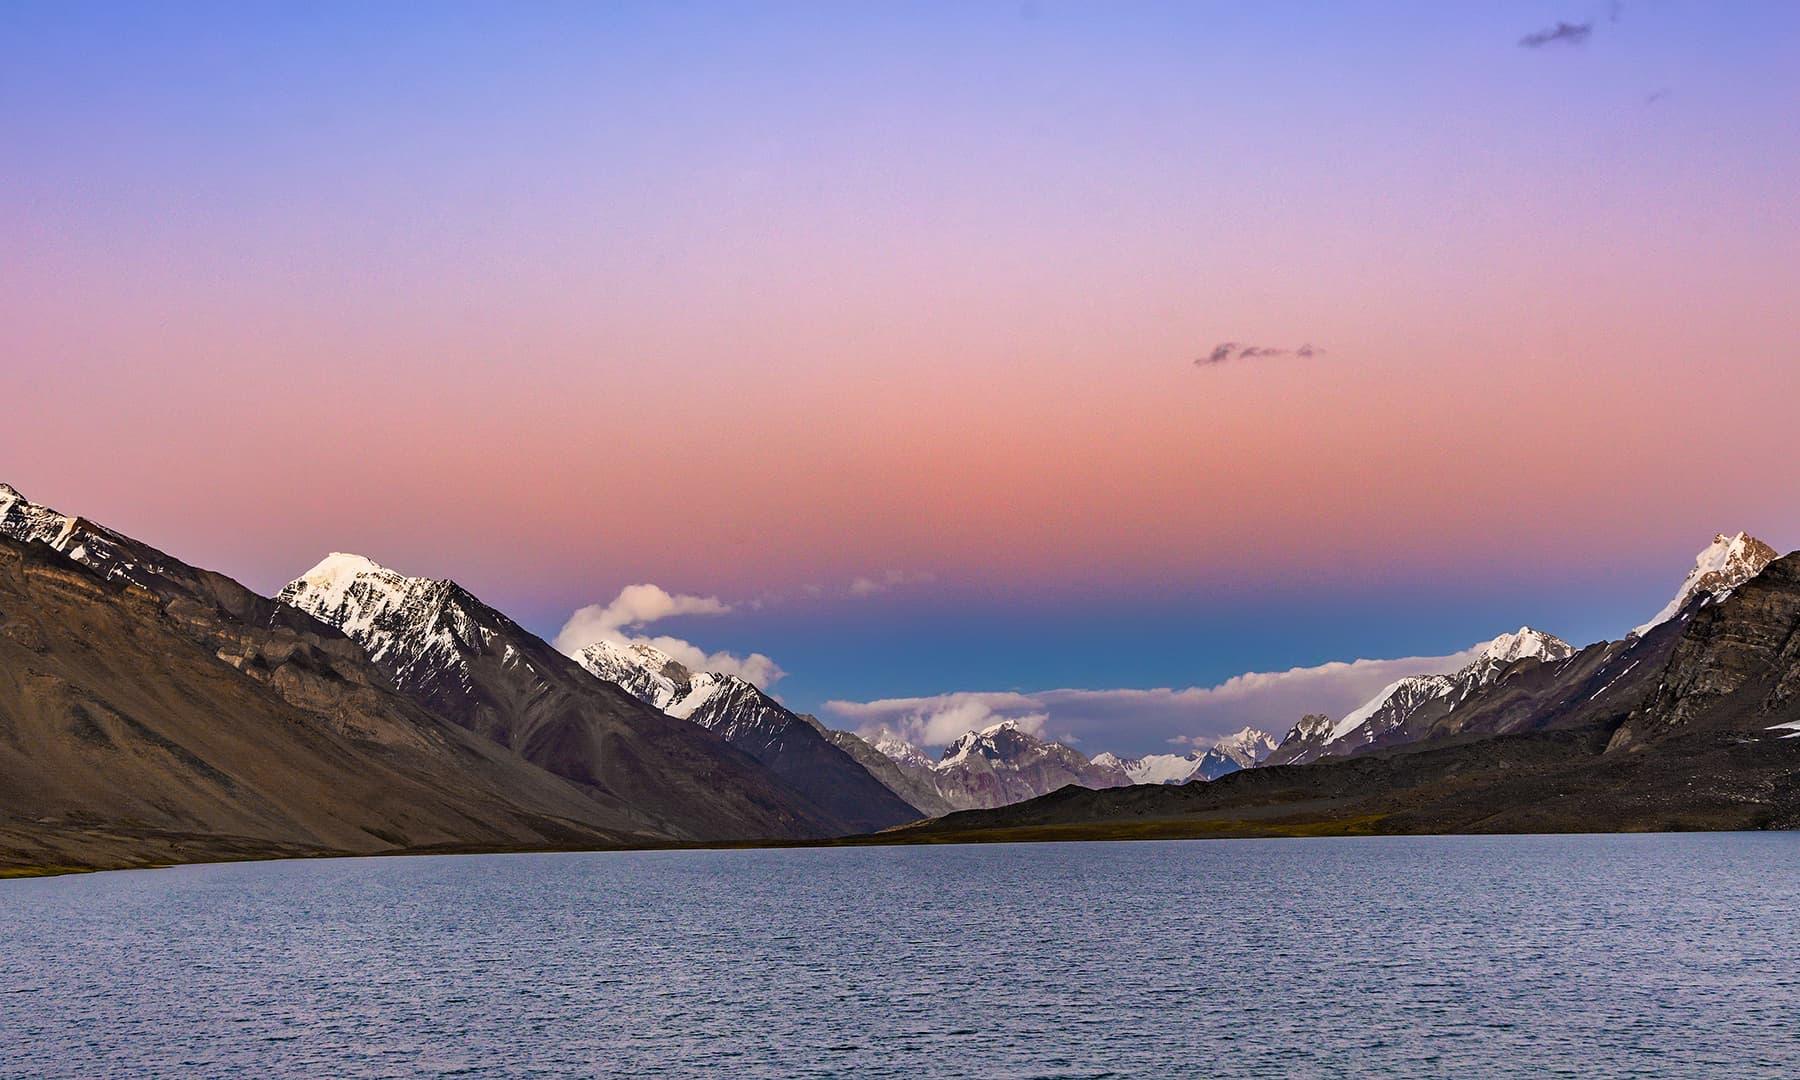 جھیل اور غروبِ آفتاب—سید مہدی بخاری